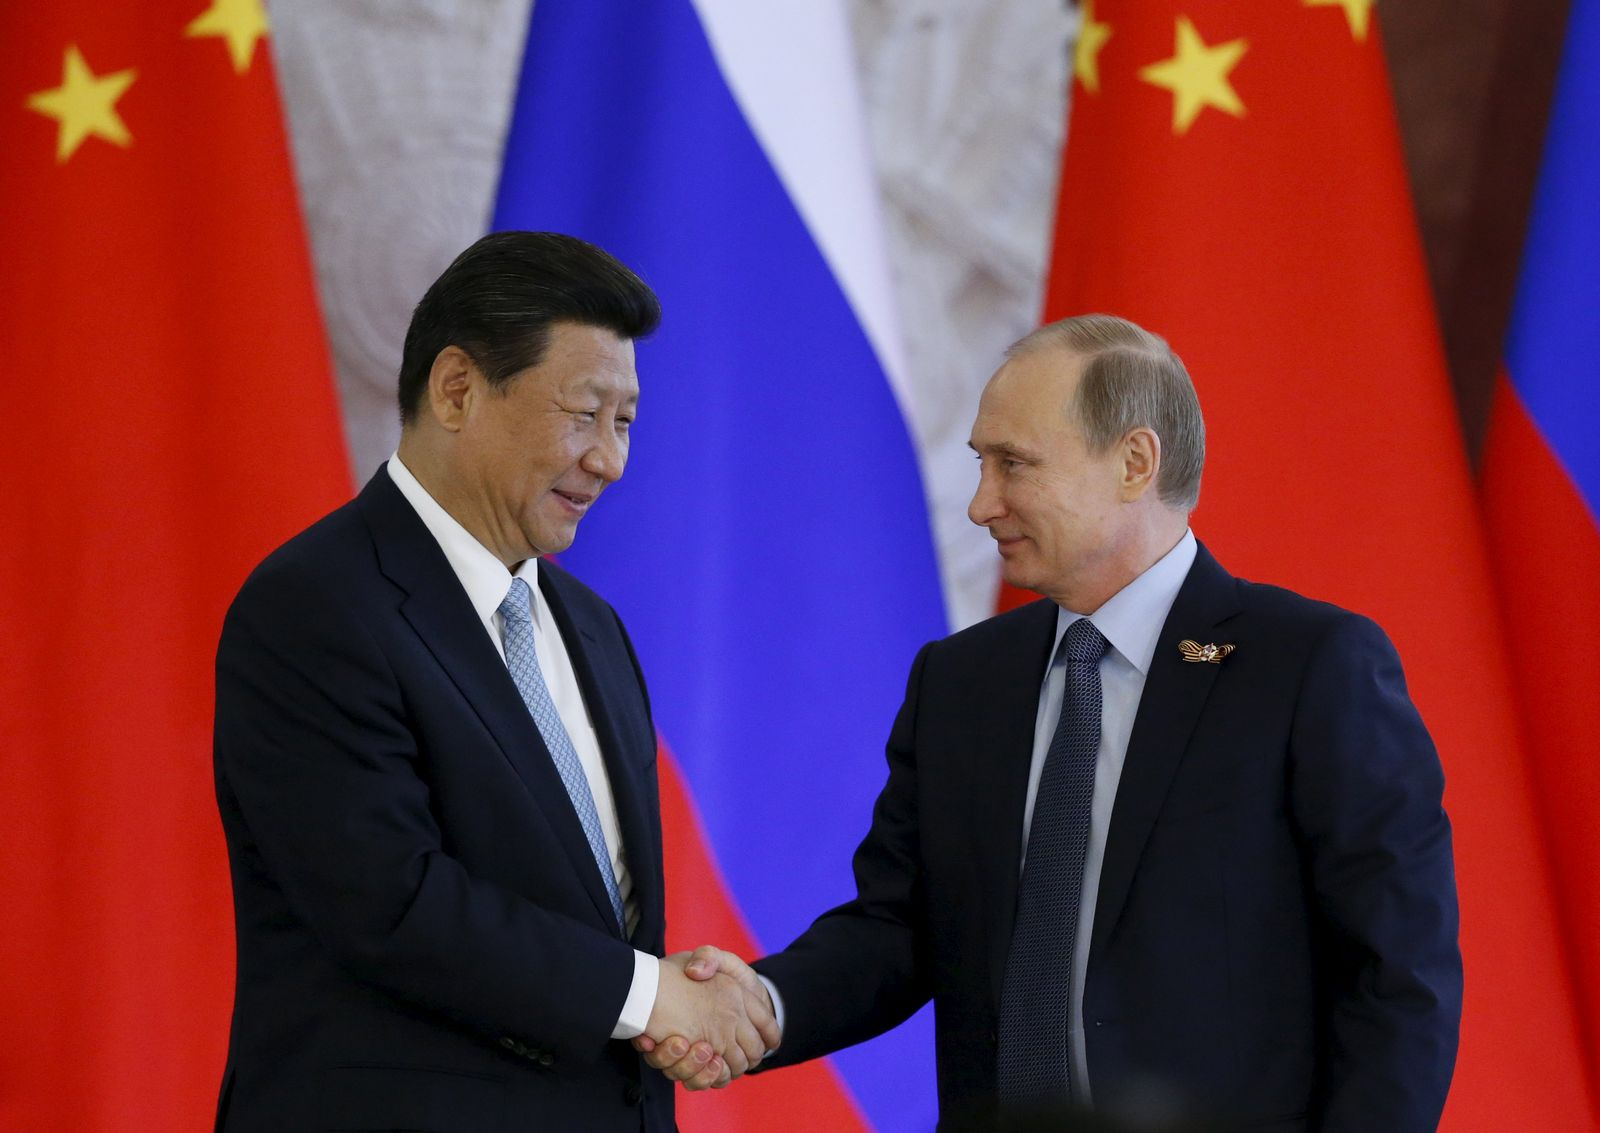 Putin/ Jinping